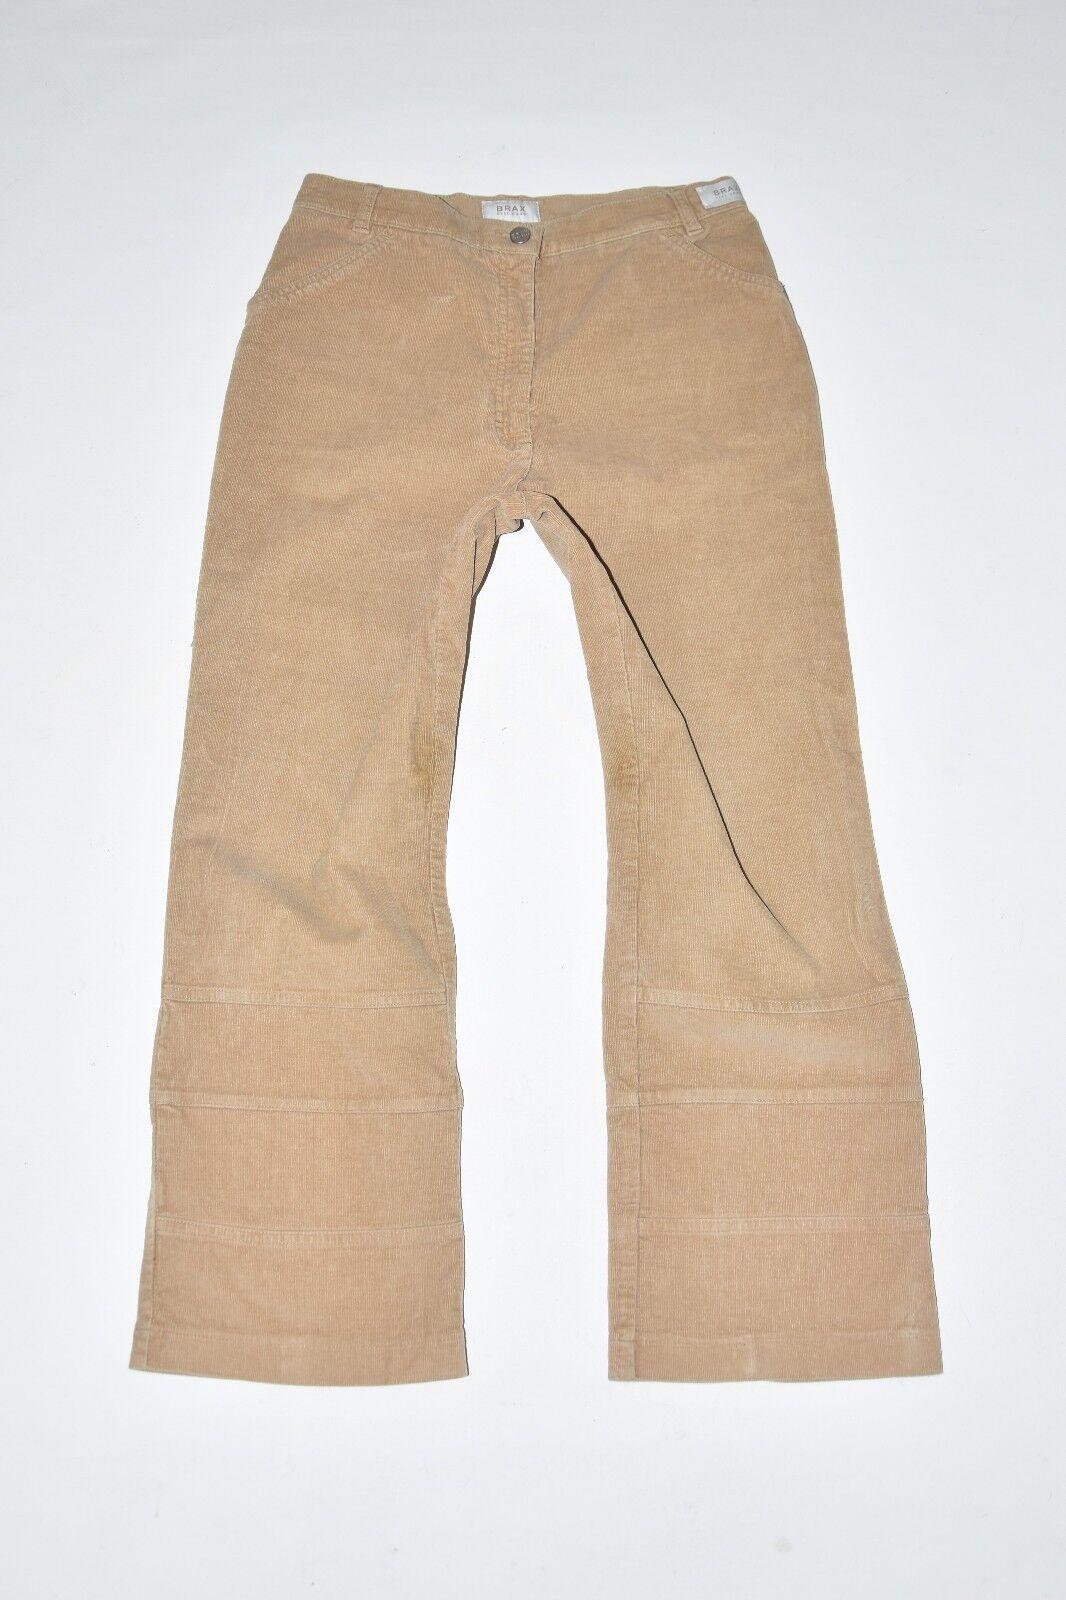 Brown Corduroy BRAX Straight Leg Stretch Women's Pants Trousers Size W30  L25